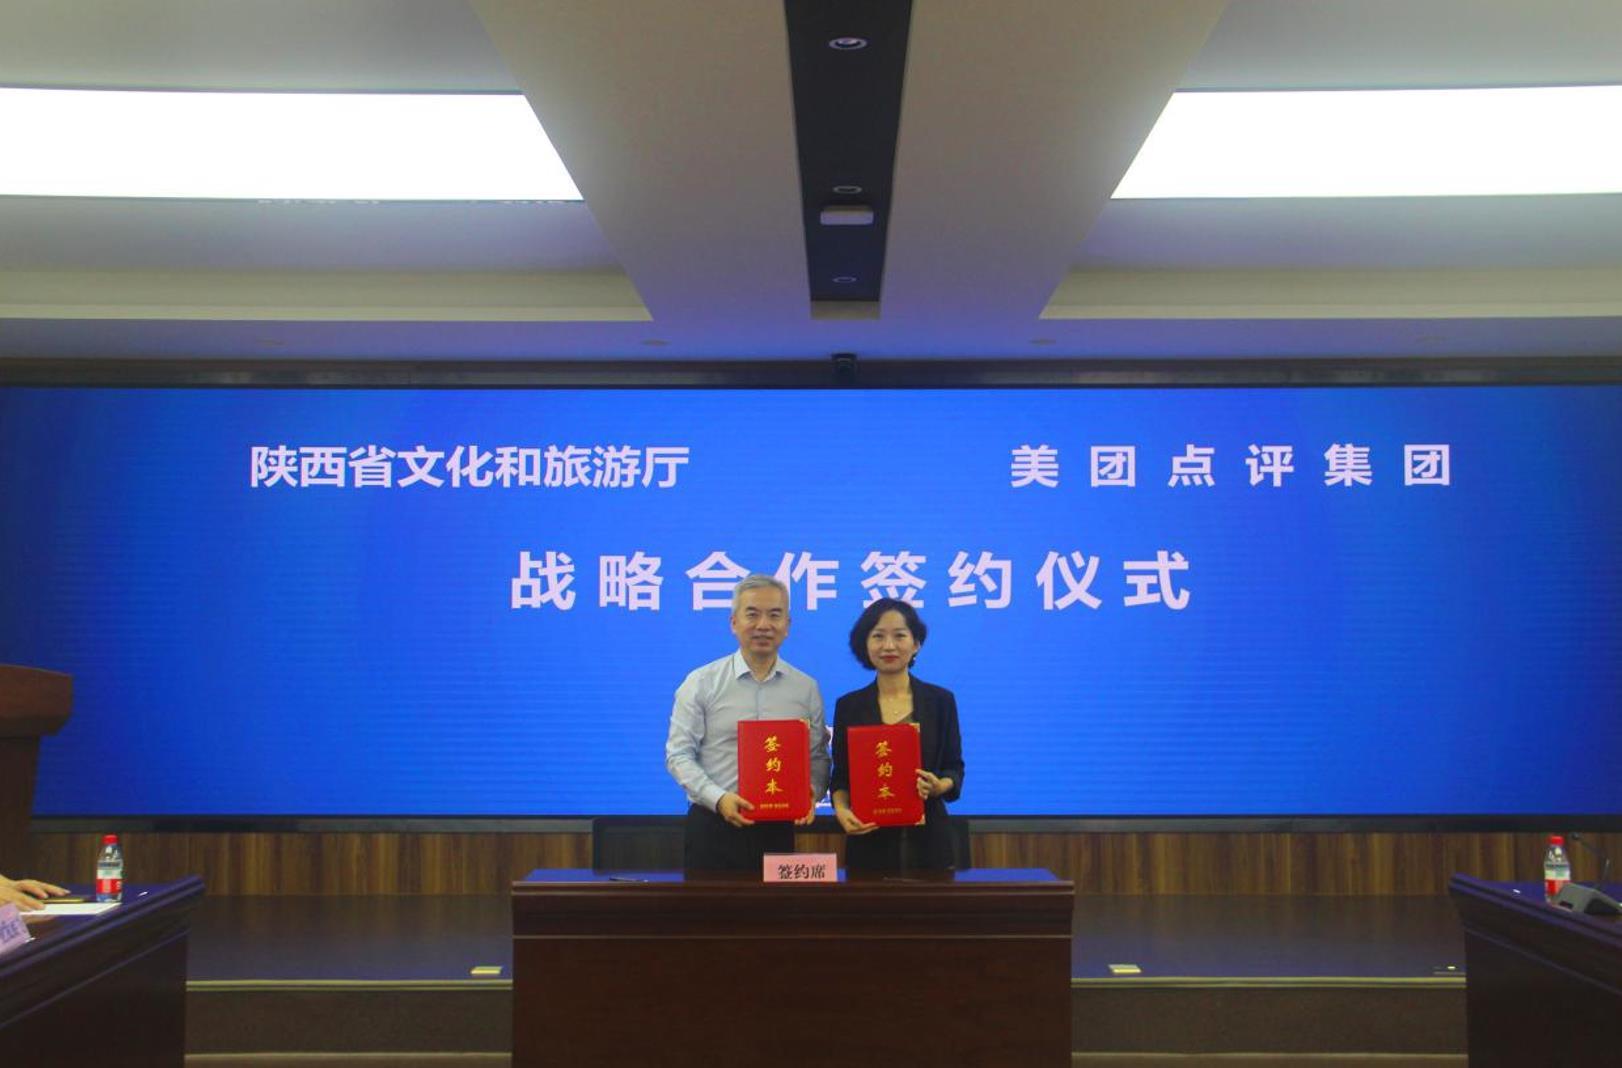 陕西文旅厅与美团点评签署战略合作协议助力文旅产业复苏